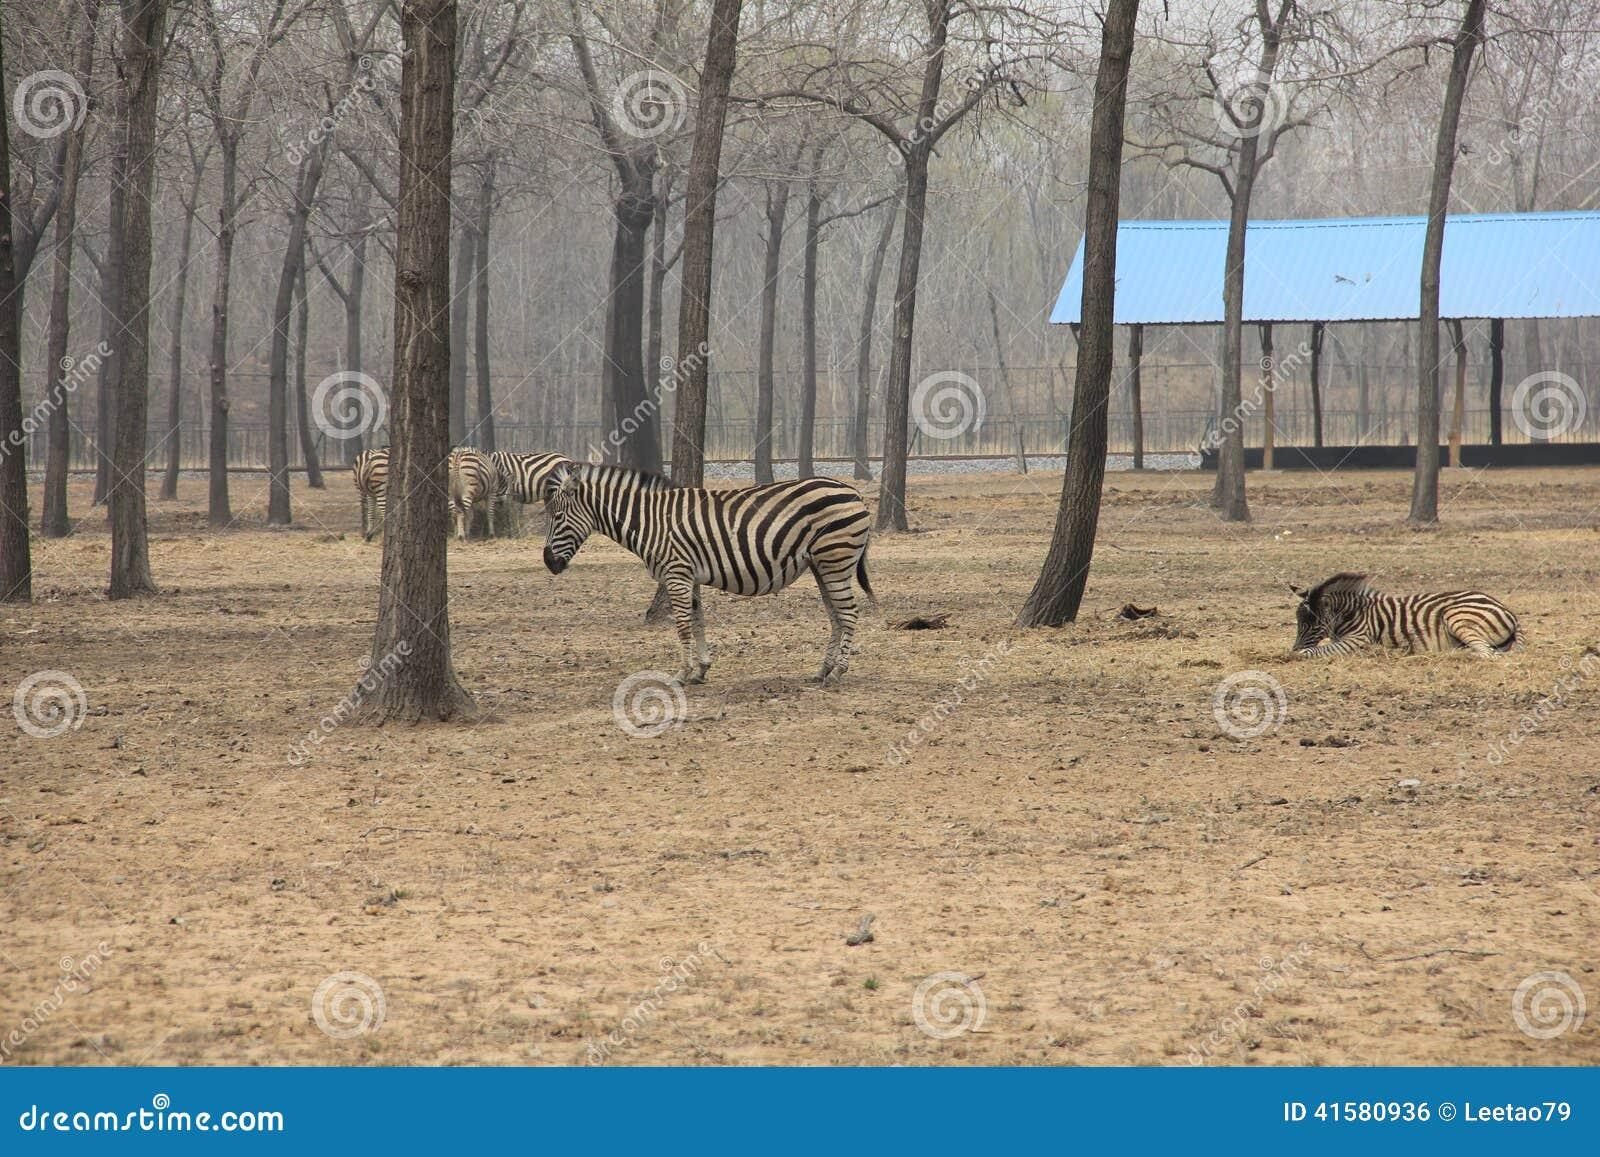 Zebra Scientific Name Zebra in the wild stoc...